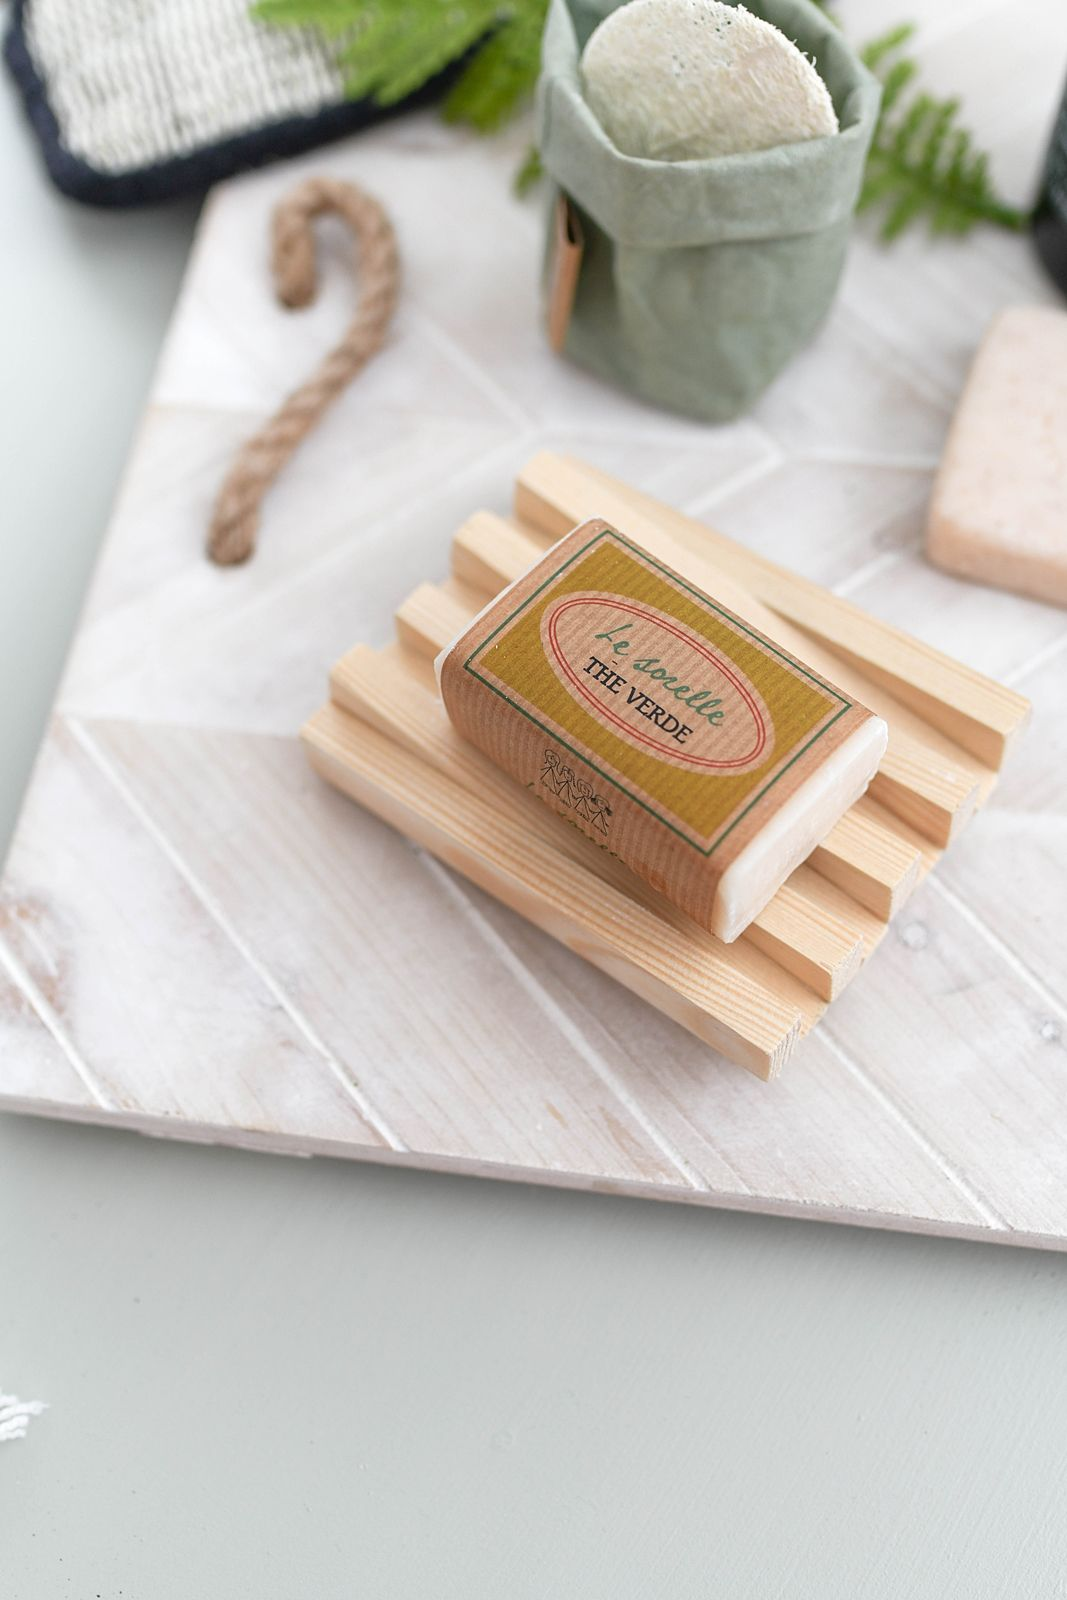 Das hat sich gewaschen: Zwei DIY Ideen für praktische Seifenablagen aus Holz zum einfachen Selbermachen – Sinnenrausch - Der kreative DIY Blog für Wohnsinnige und Selbermacher